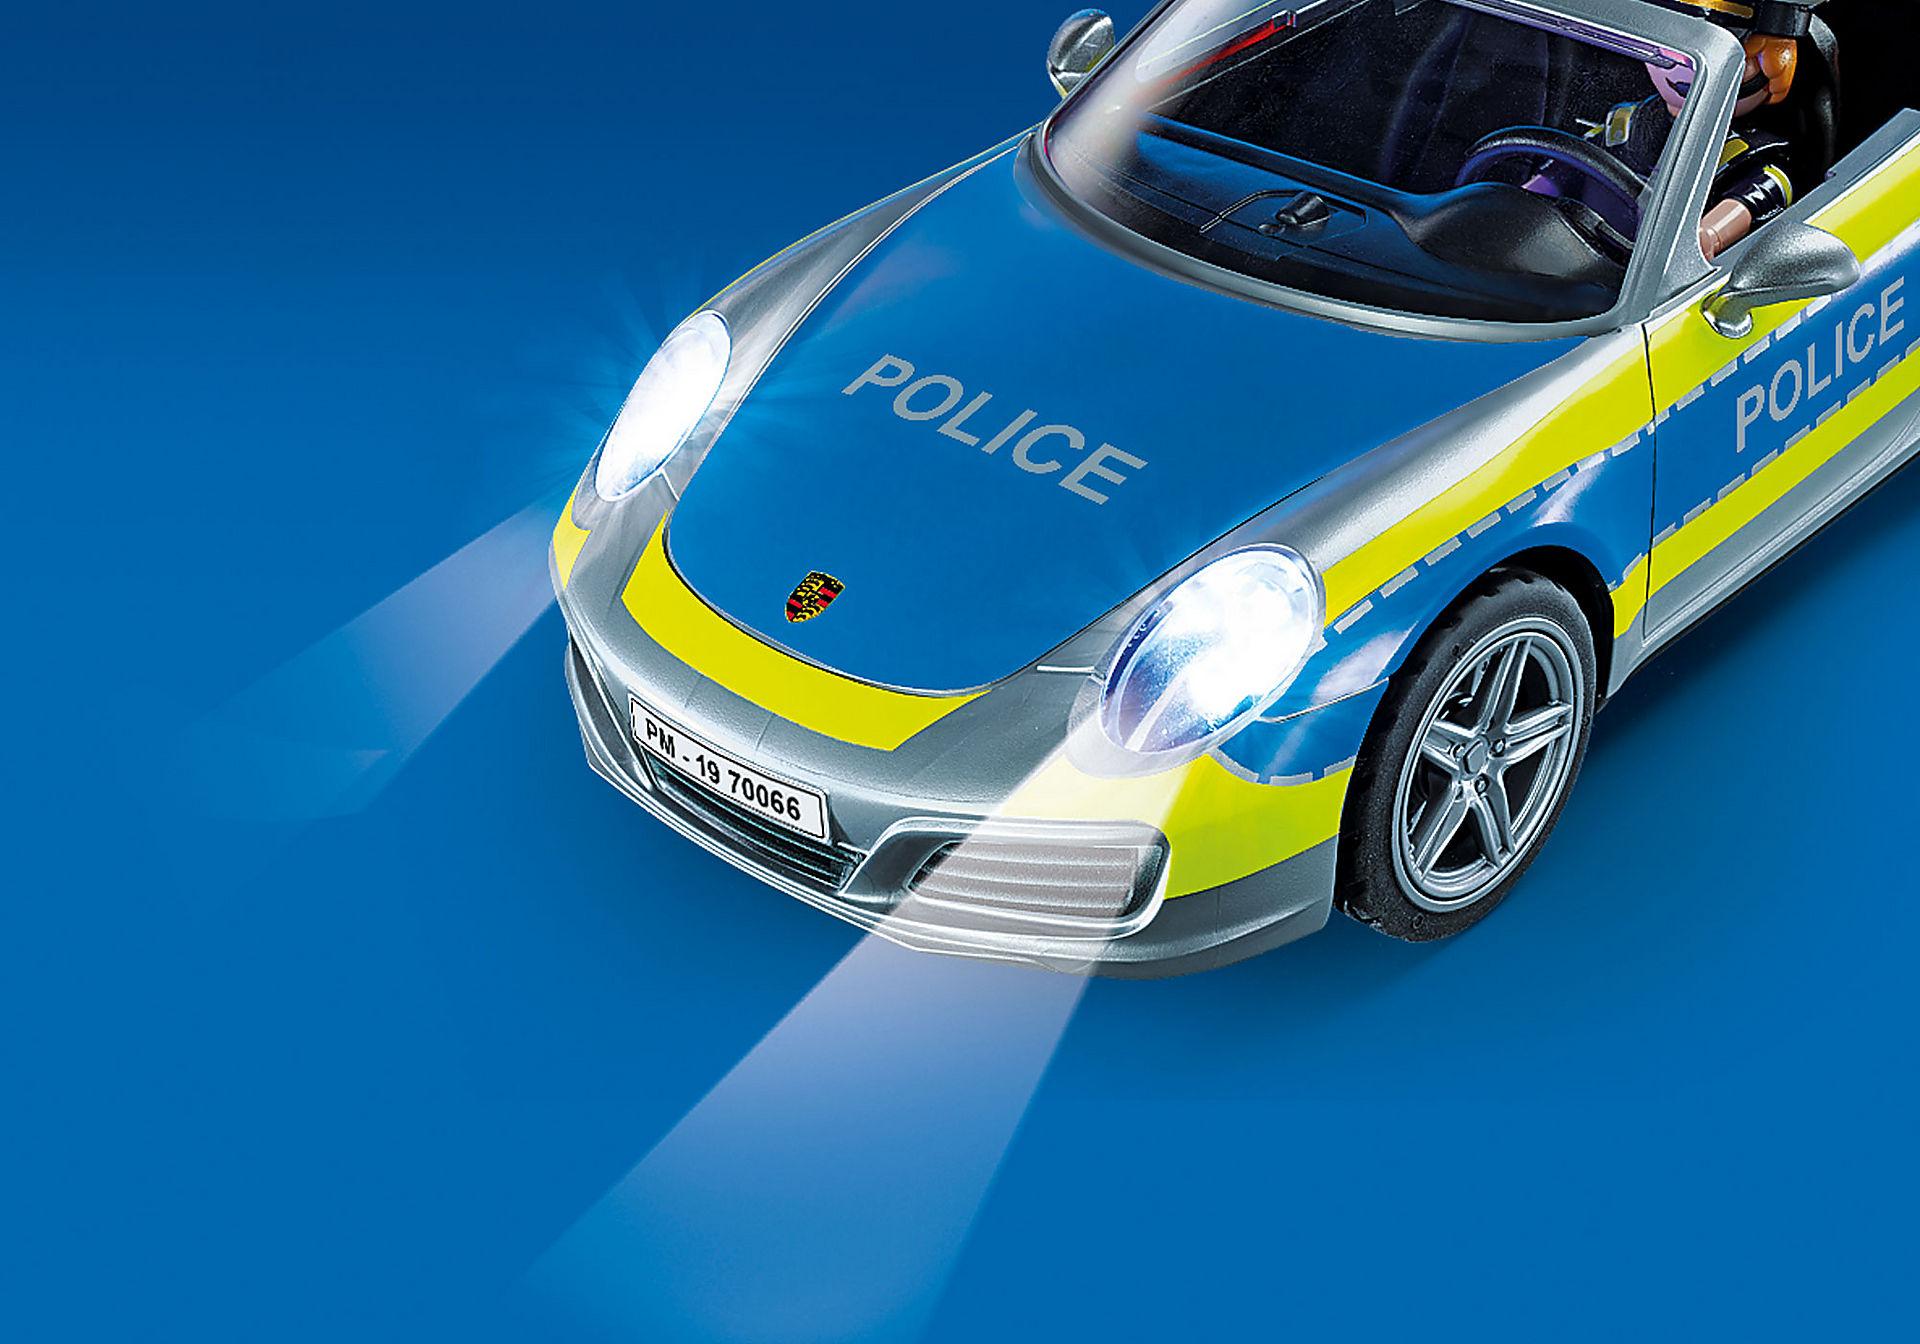 70066 Porsche 911 Carrera 4S da Polícia zoom image6